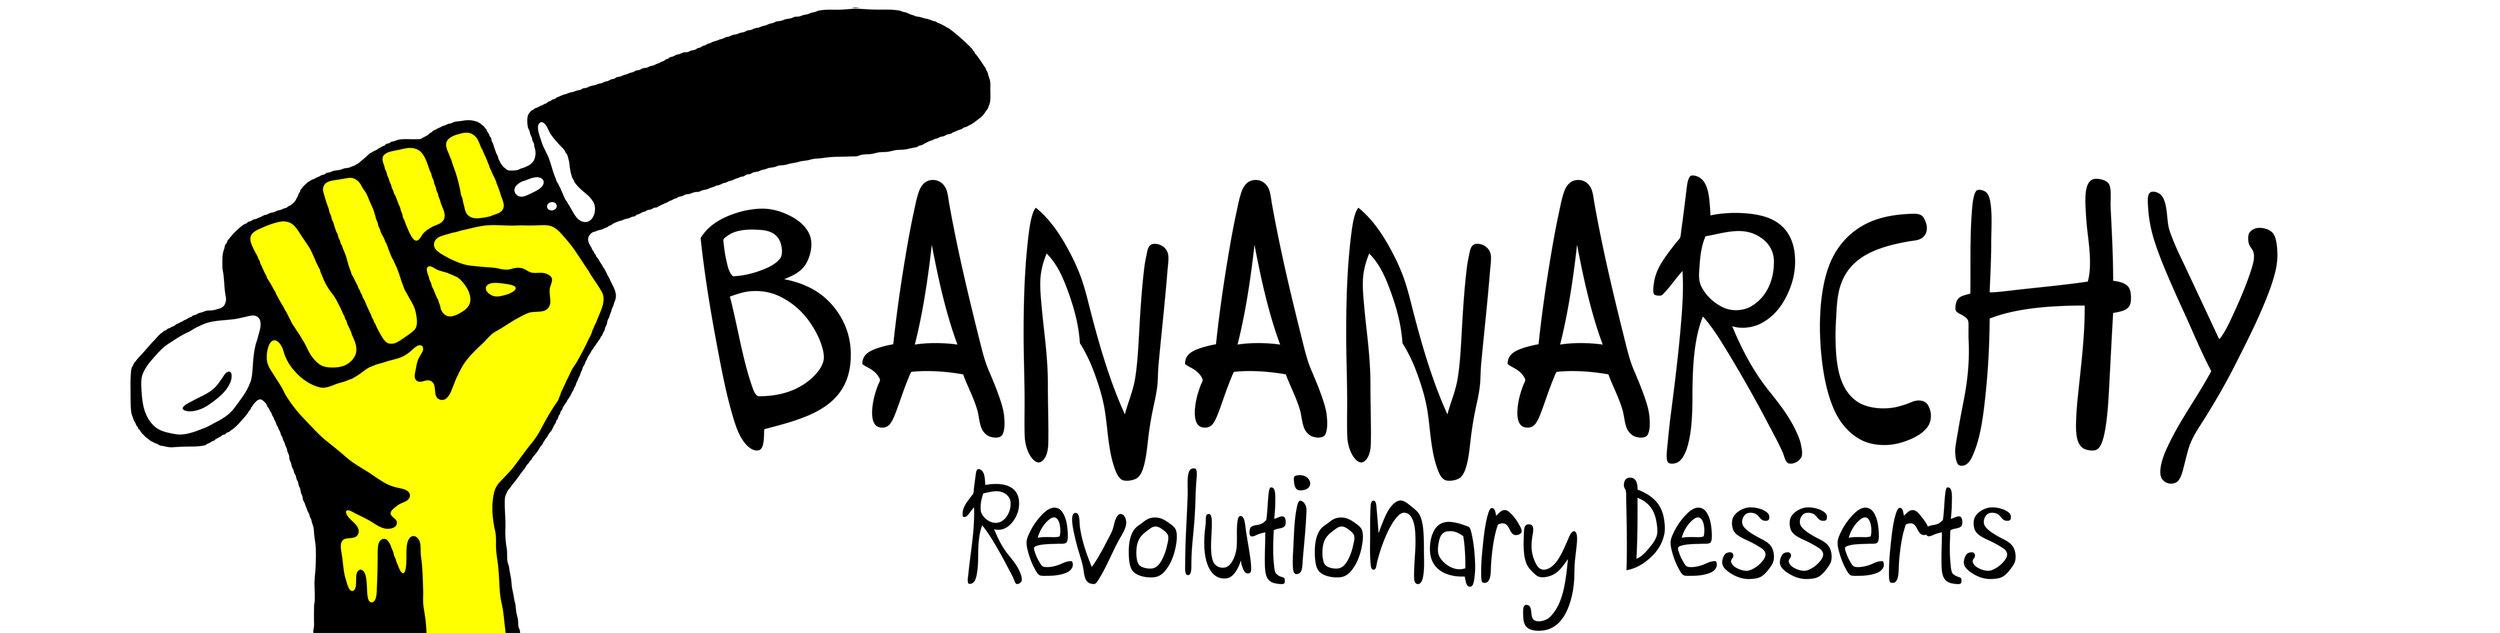 banarchy logo white font ffff.jpg